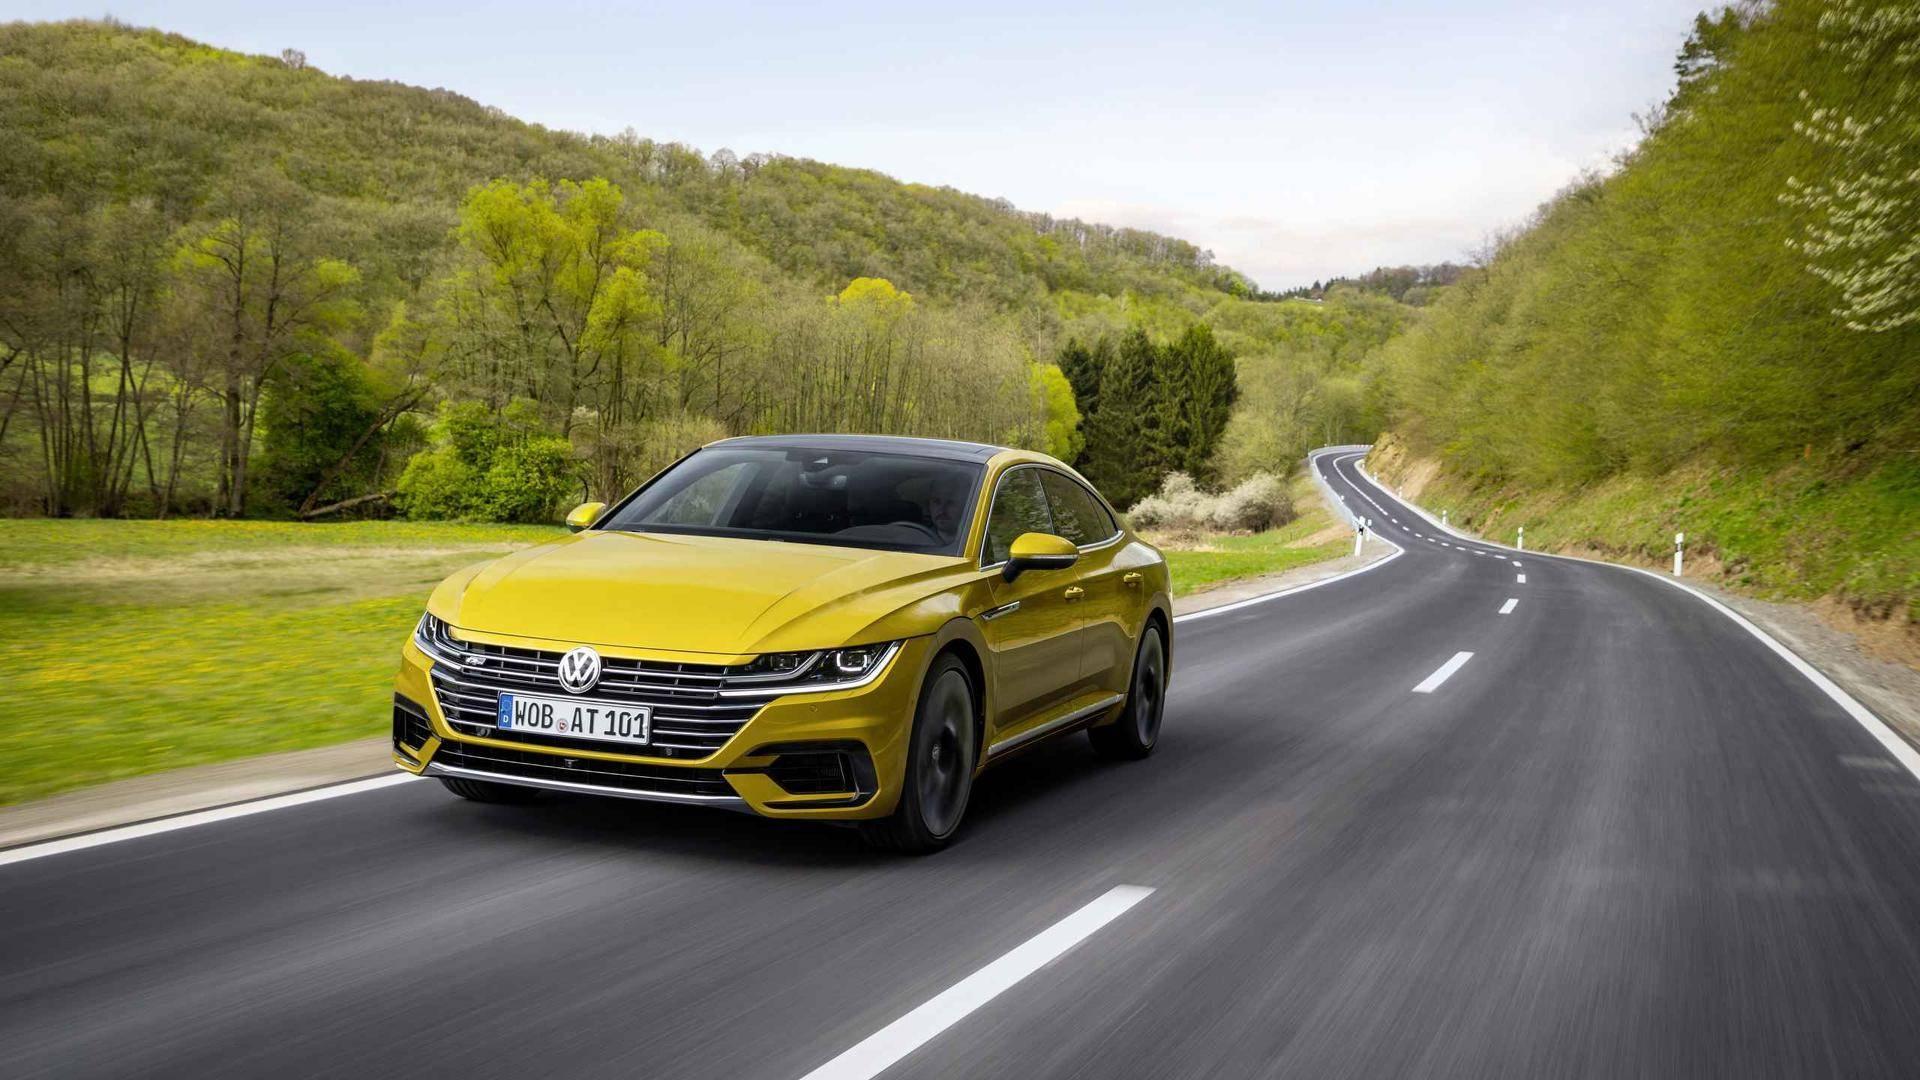 大众也能有40万奔驰质感,比奥迪A5宽敞,5.5L油耗当轿跑